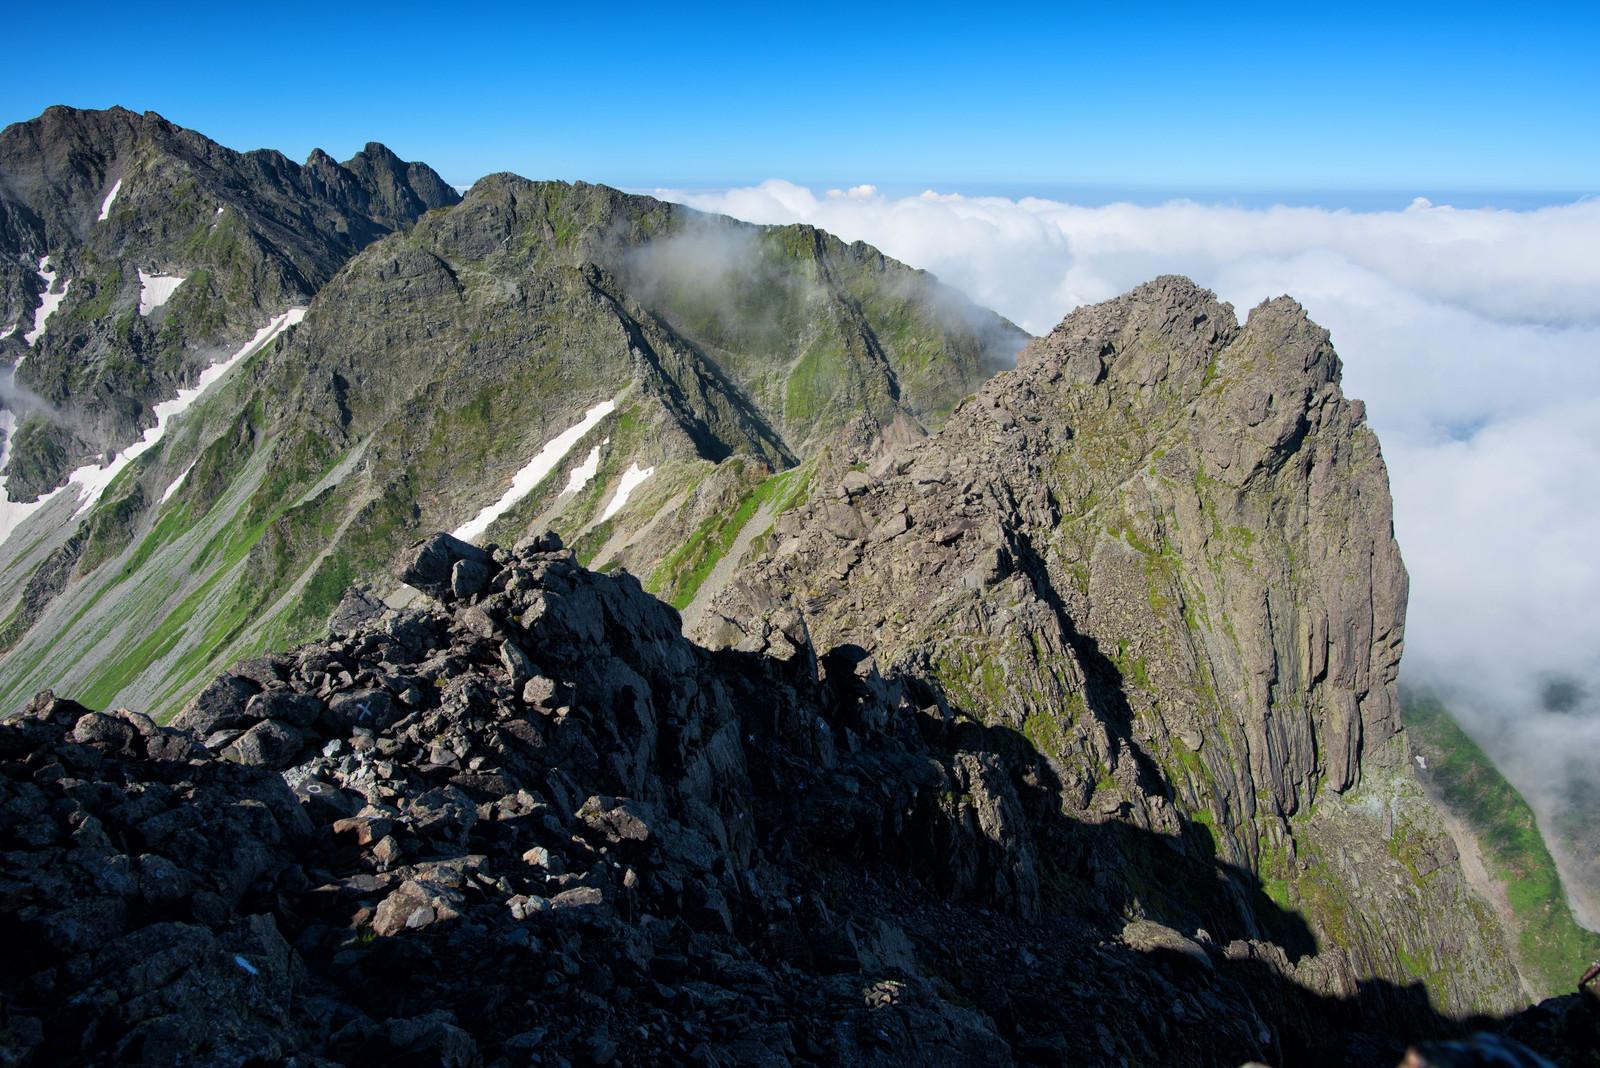 「北穂高岳から涸沢岳への縦走ルート」の写真